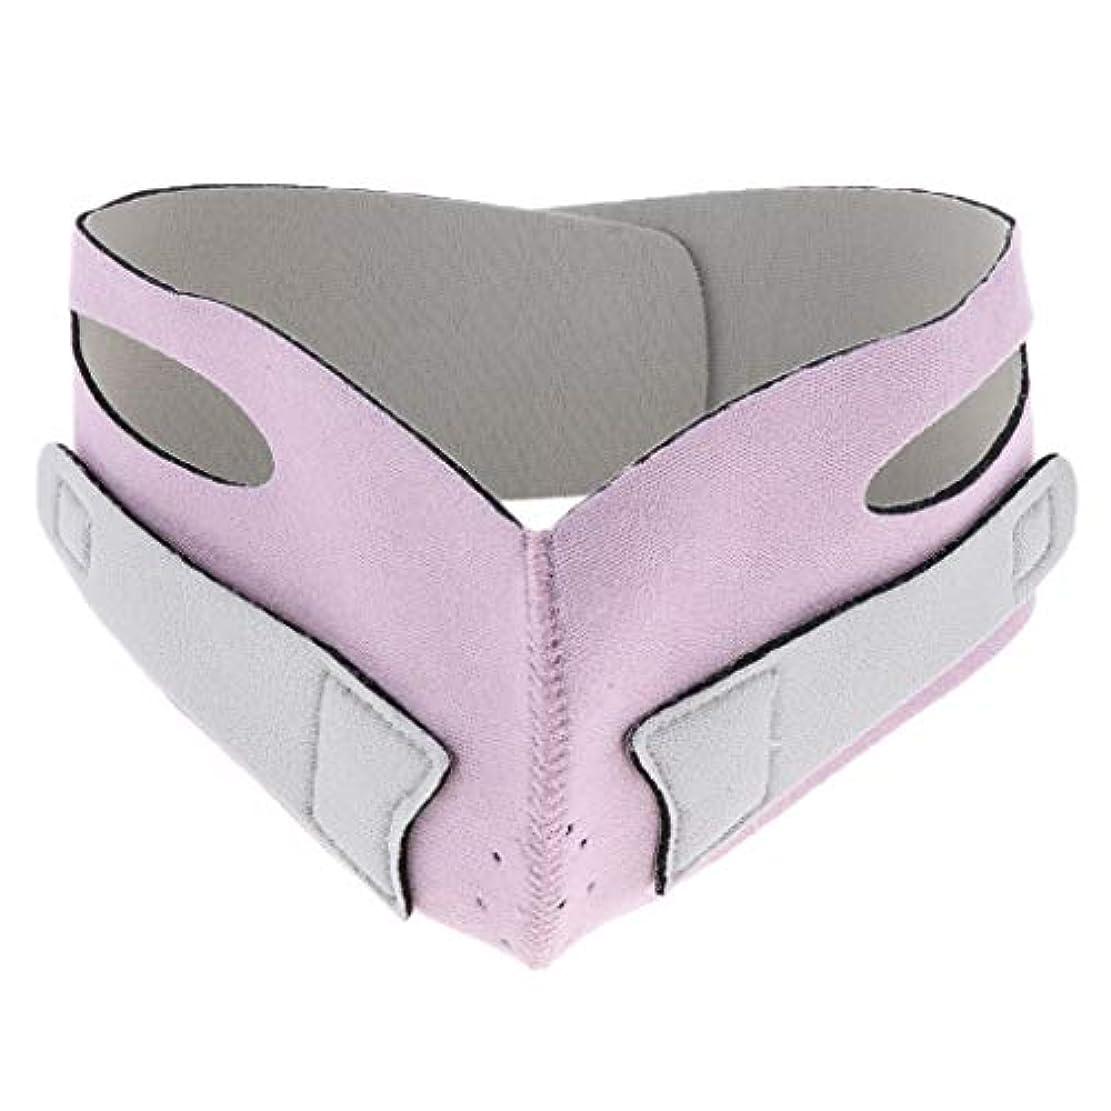 尊敬するリスナーマークされた引き上げマスク 頬リフトアップ V-ラインマスク リフティング リフトスリムマスク 通気性 全2色 - ピンク